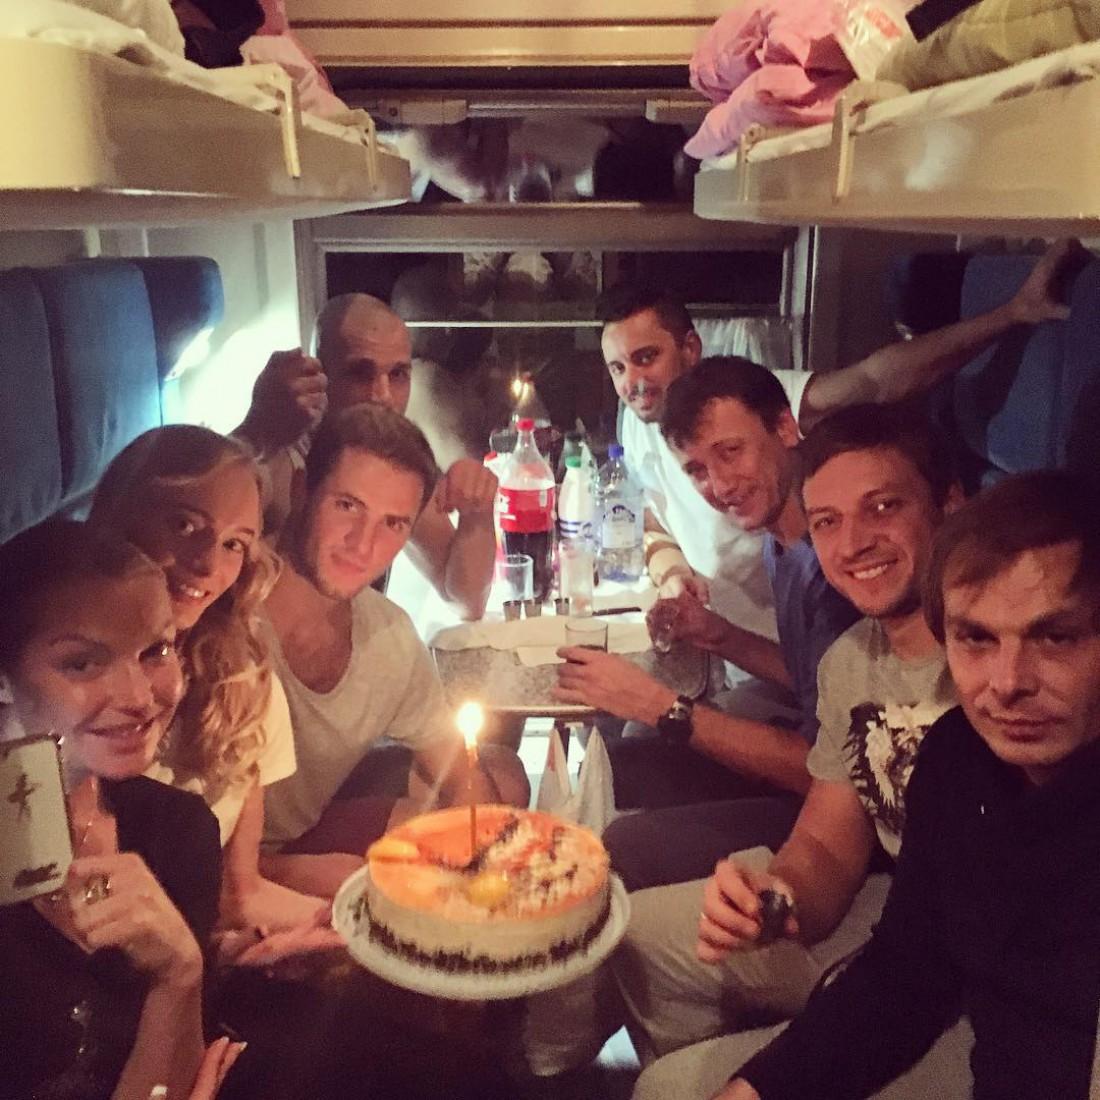 Волочкова с друзьями празднует день рождения друга